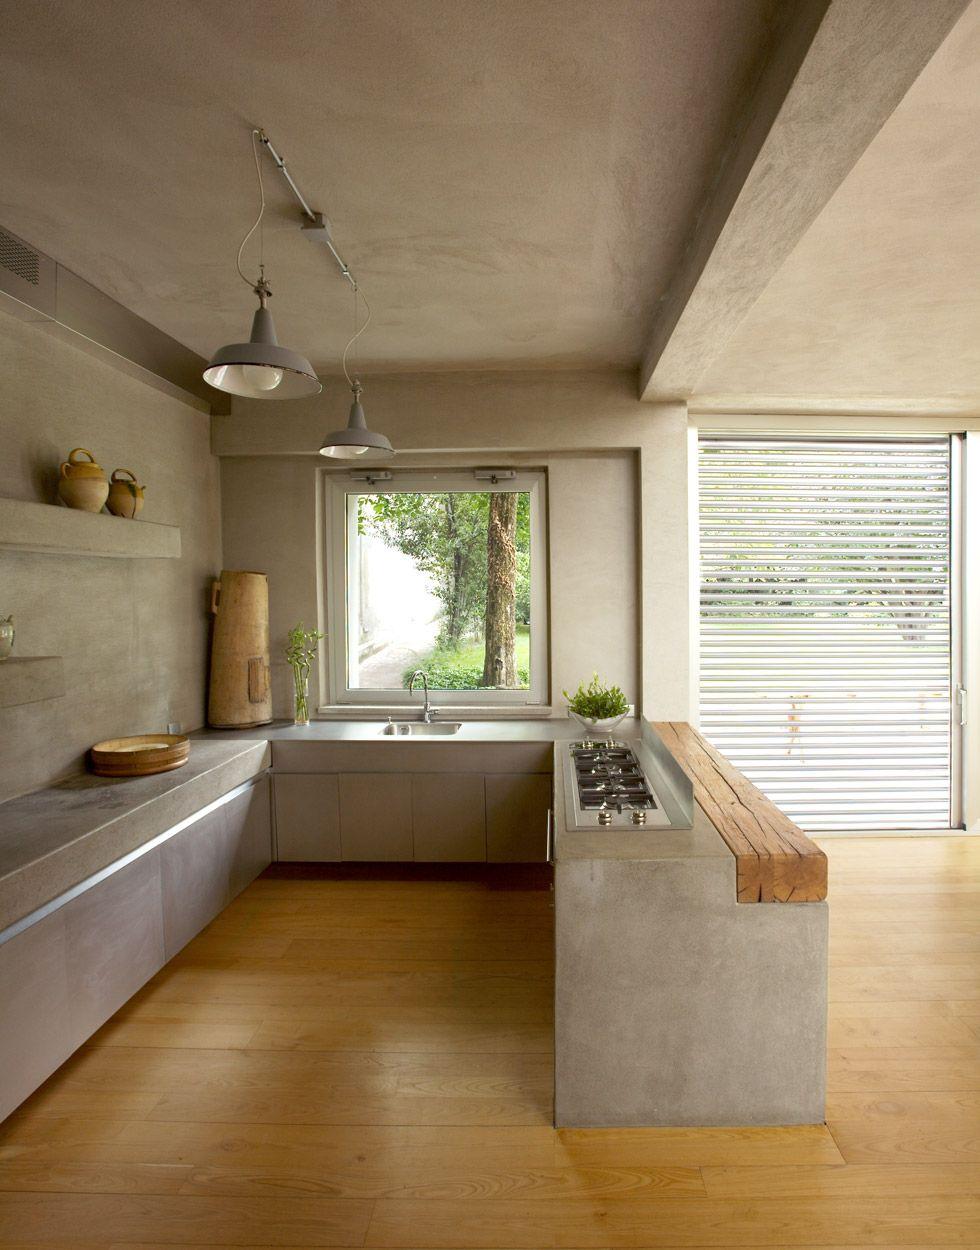 Cucine in muratura 70 idee per progettare una cucina for Stile rustico